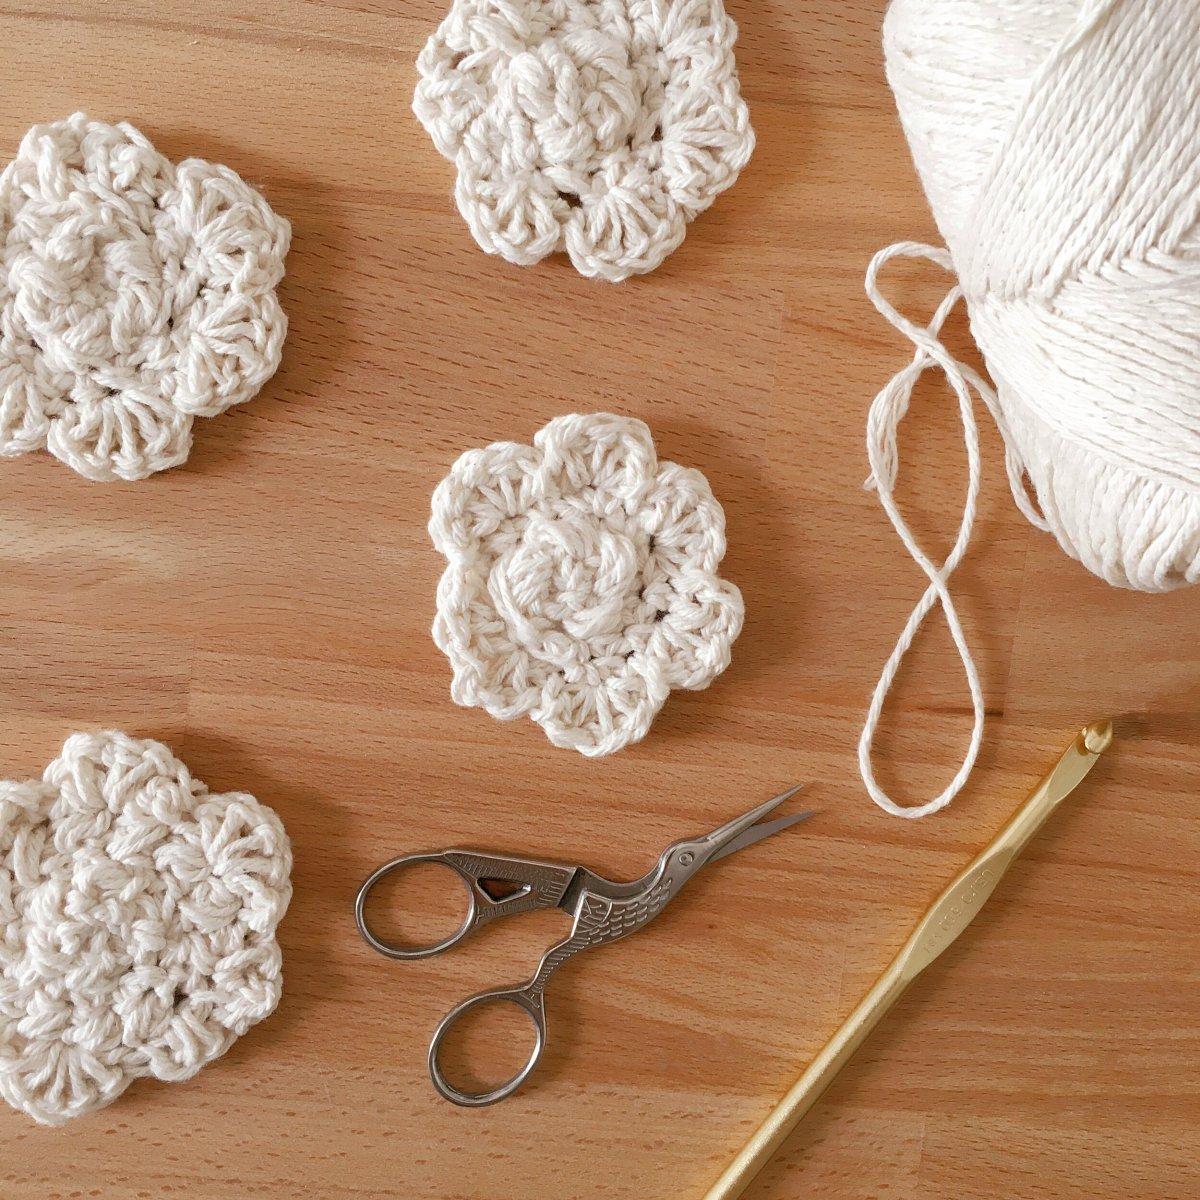 daisy crochet face scrubbie free pattern